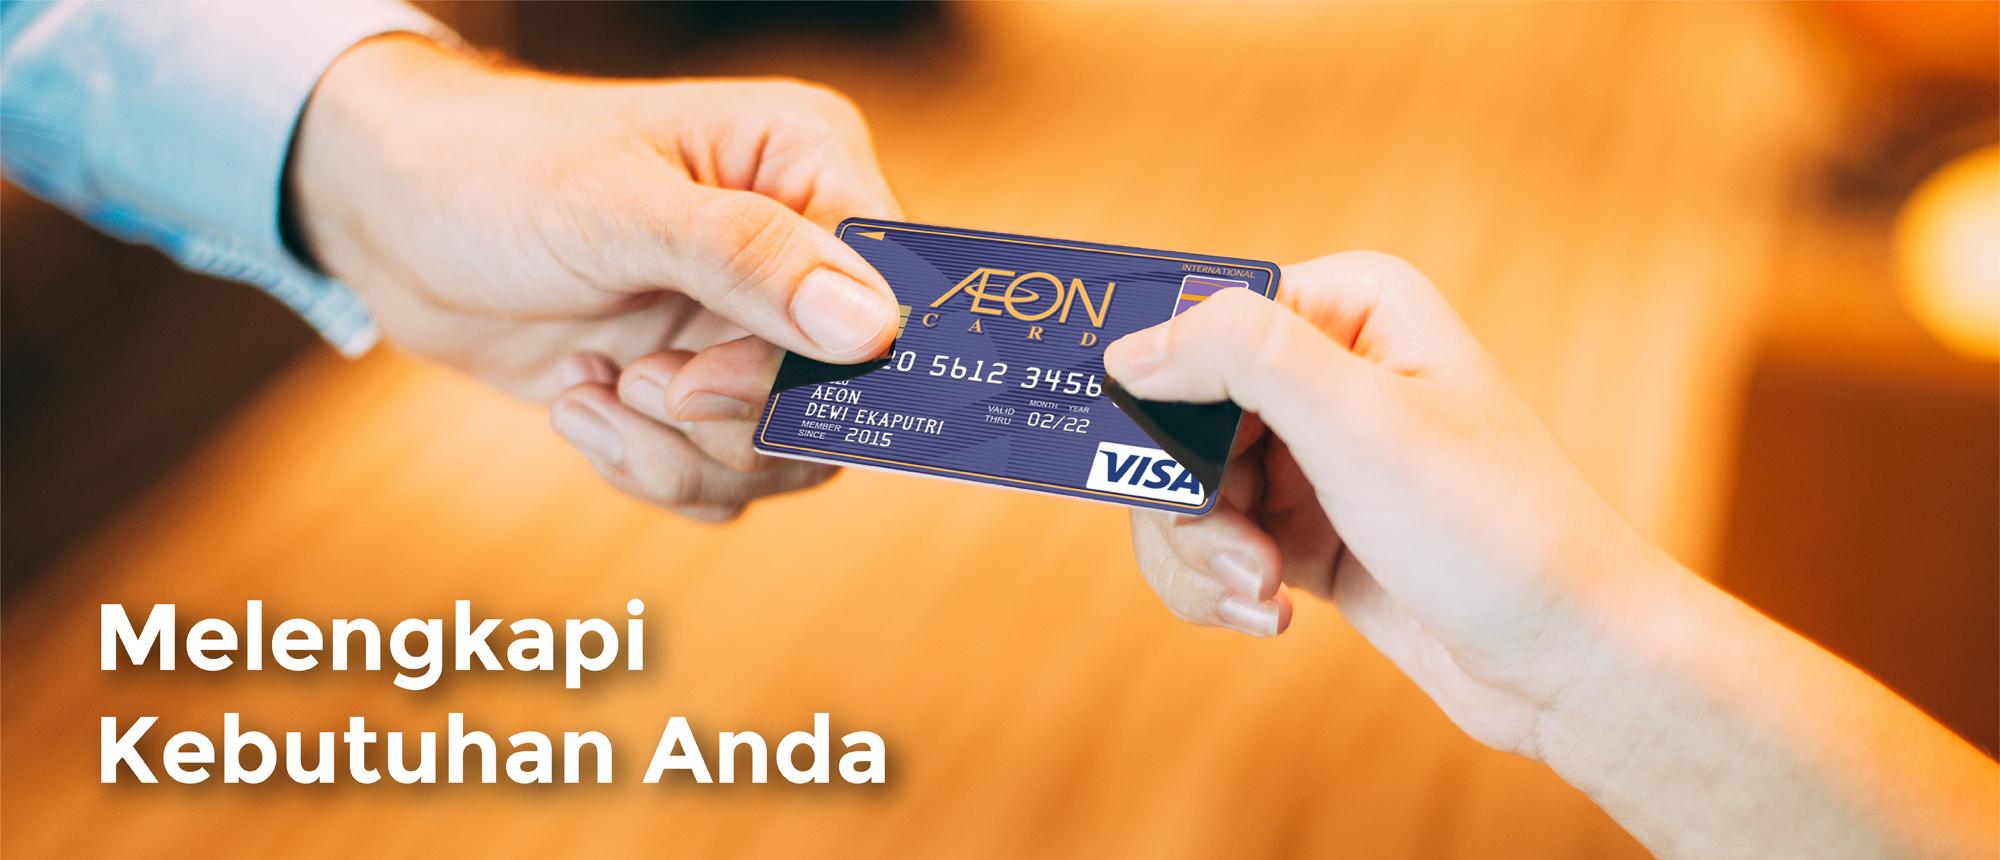 Kartu Kredit AEON